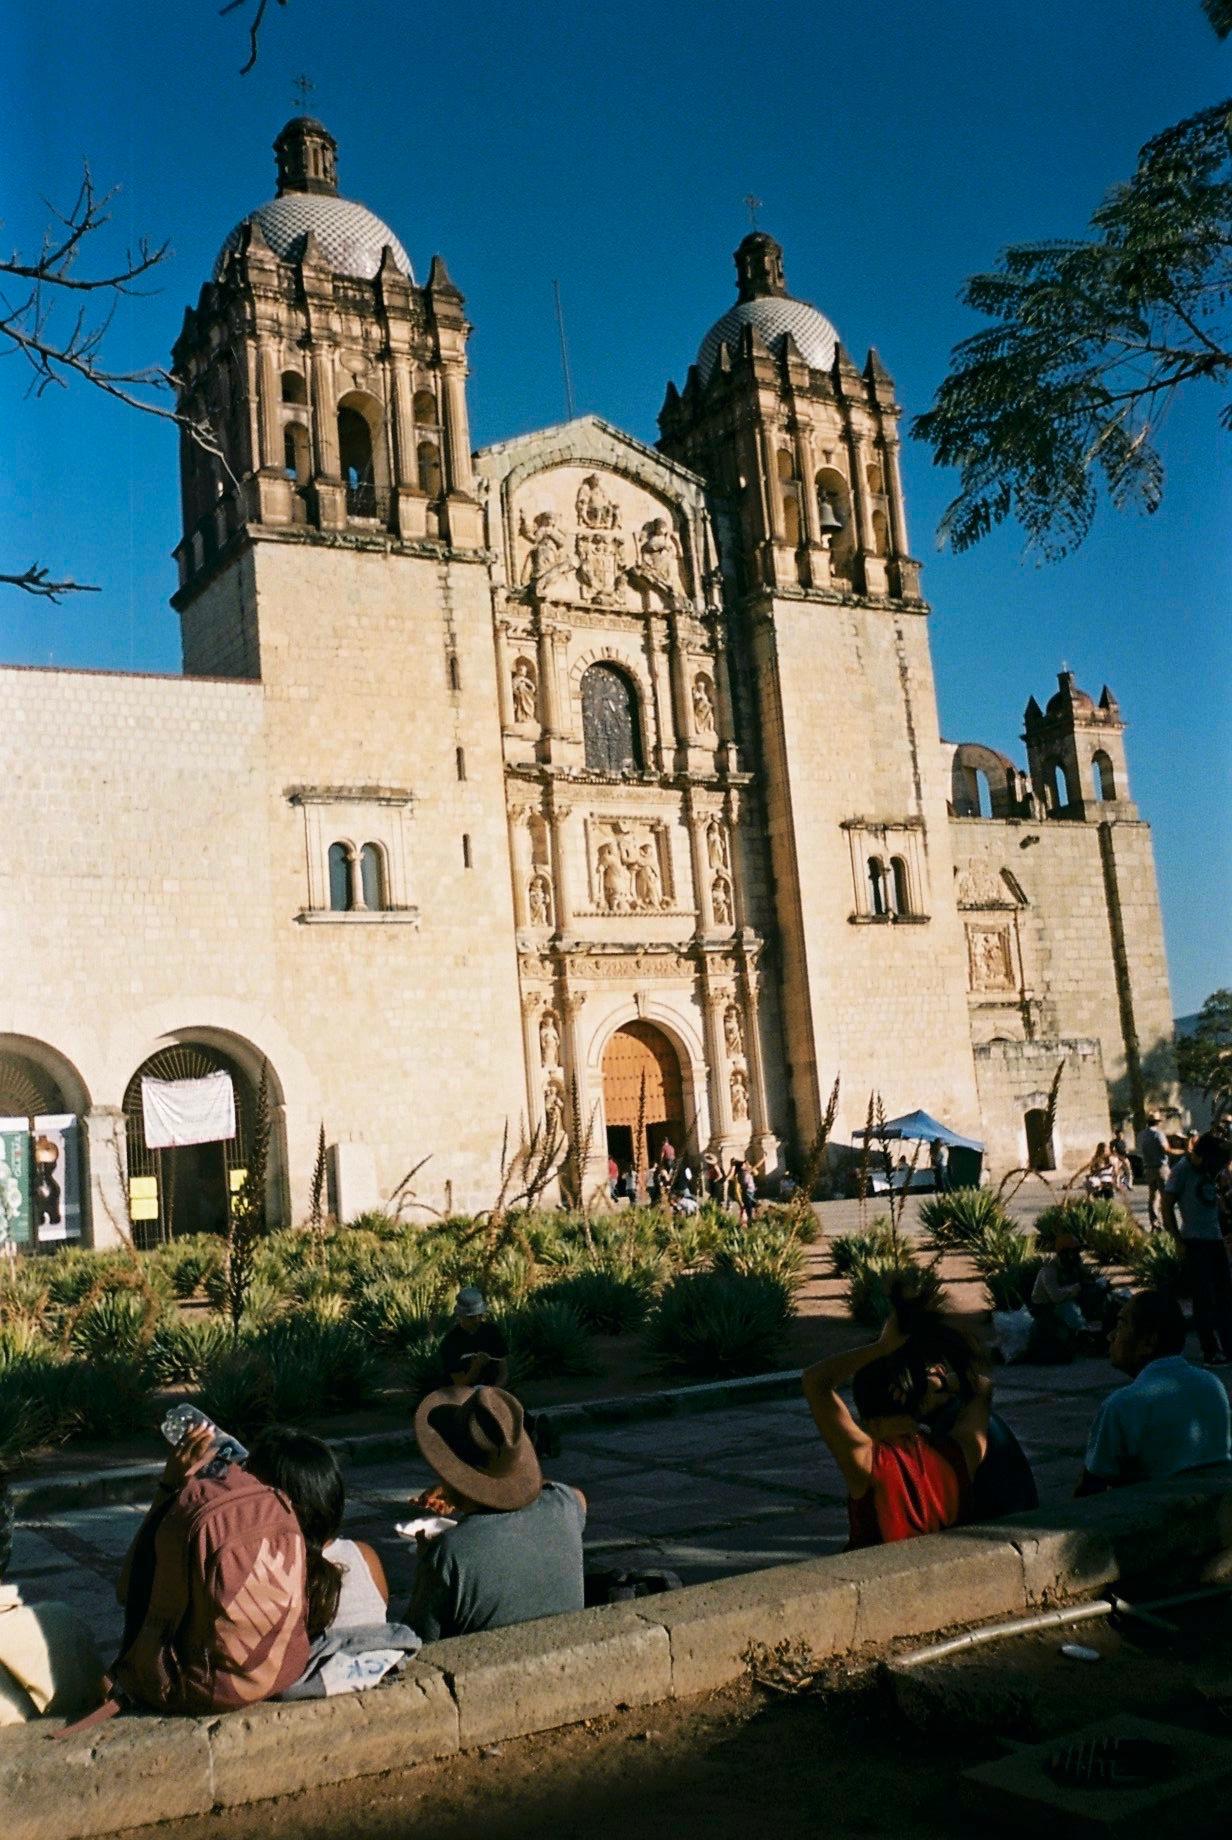 Oaxaca 01-2020 - 1 of 37